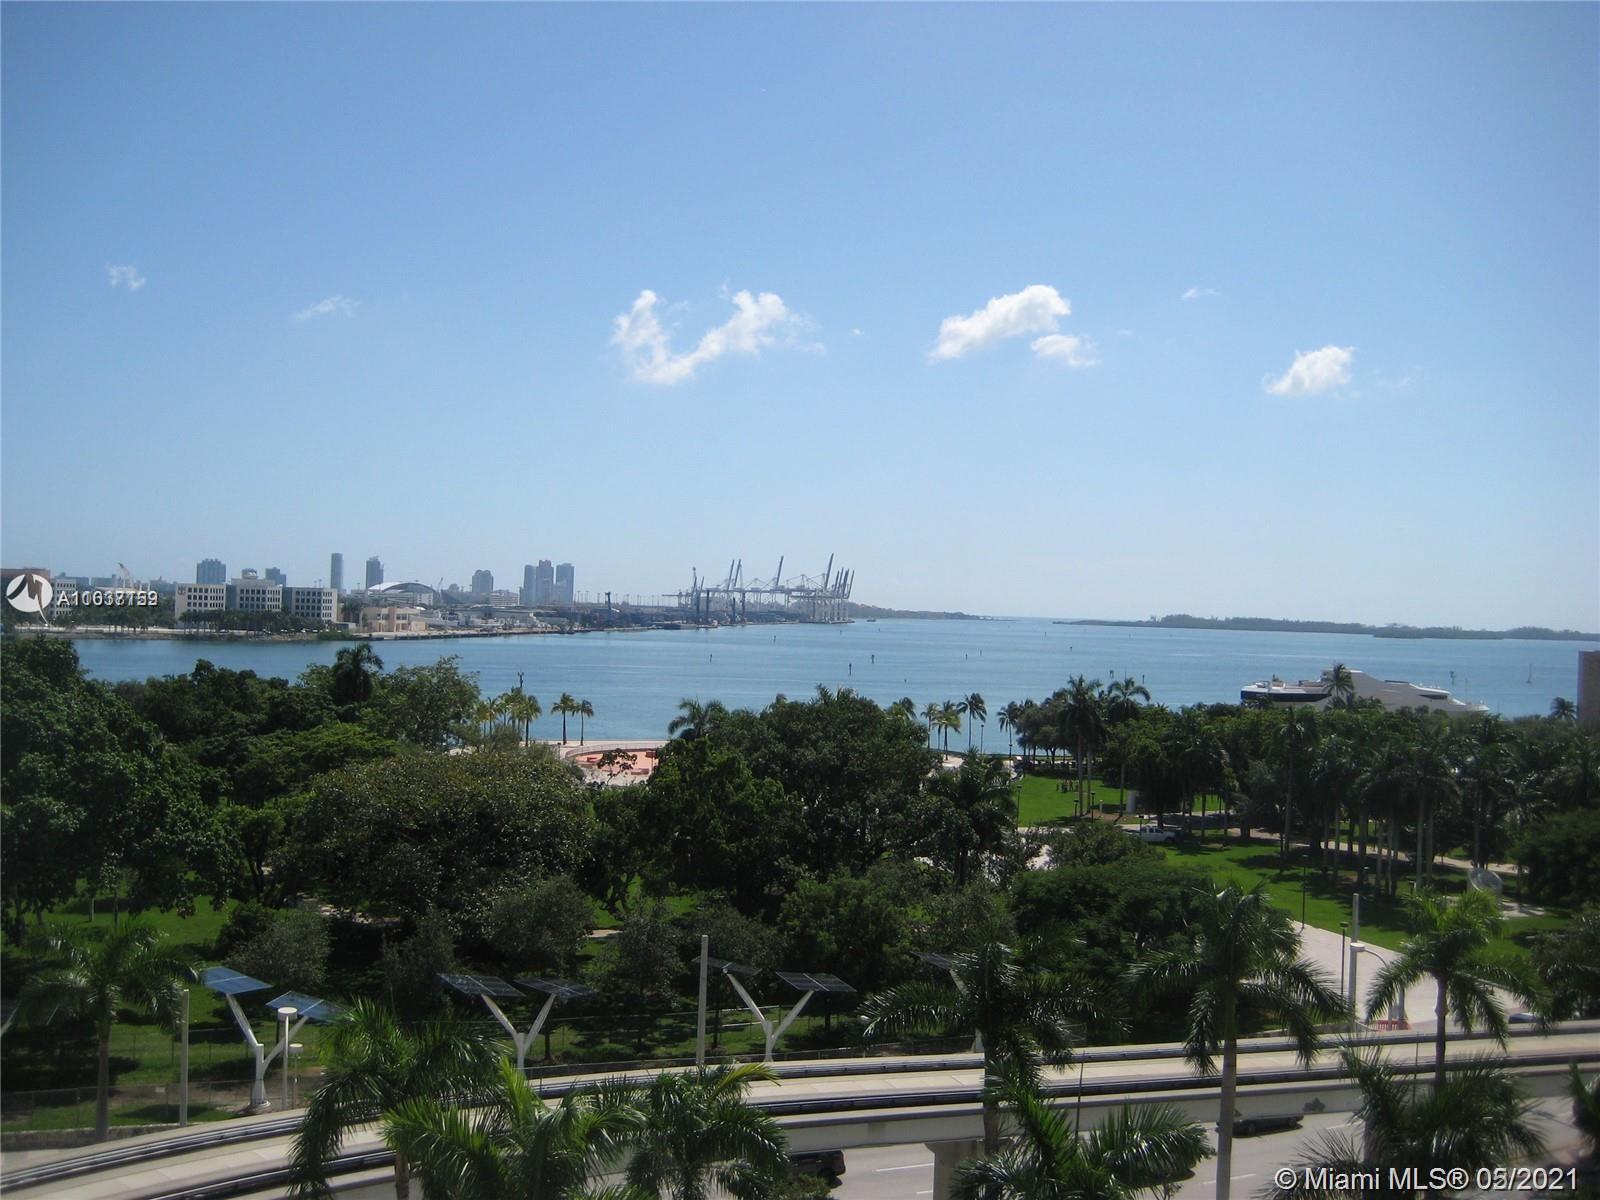 50 Biscayne #803 - 50 Biscayne Blvd #803, Miami, FL 33132